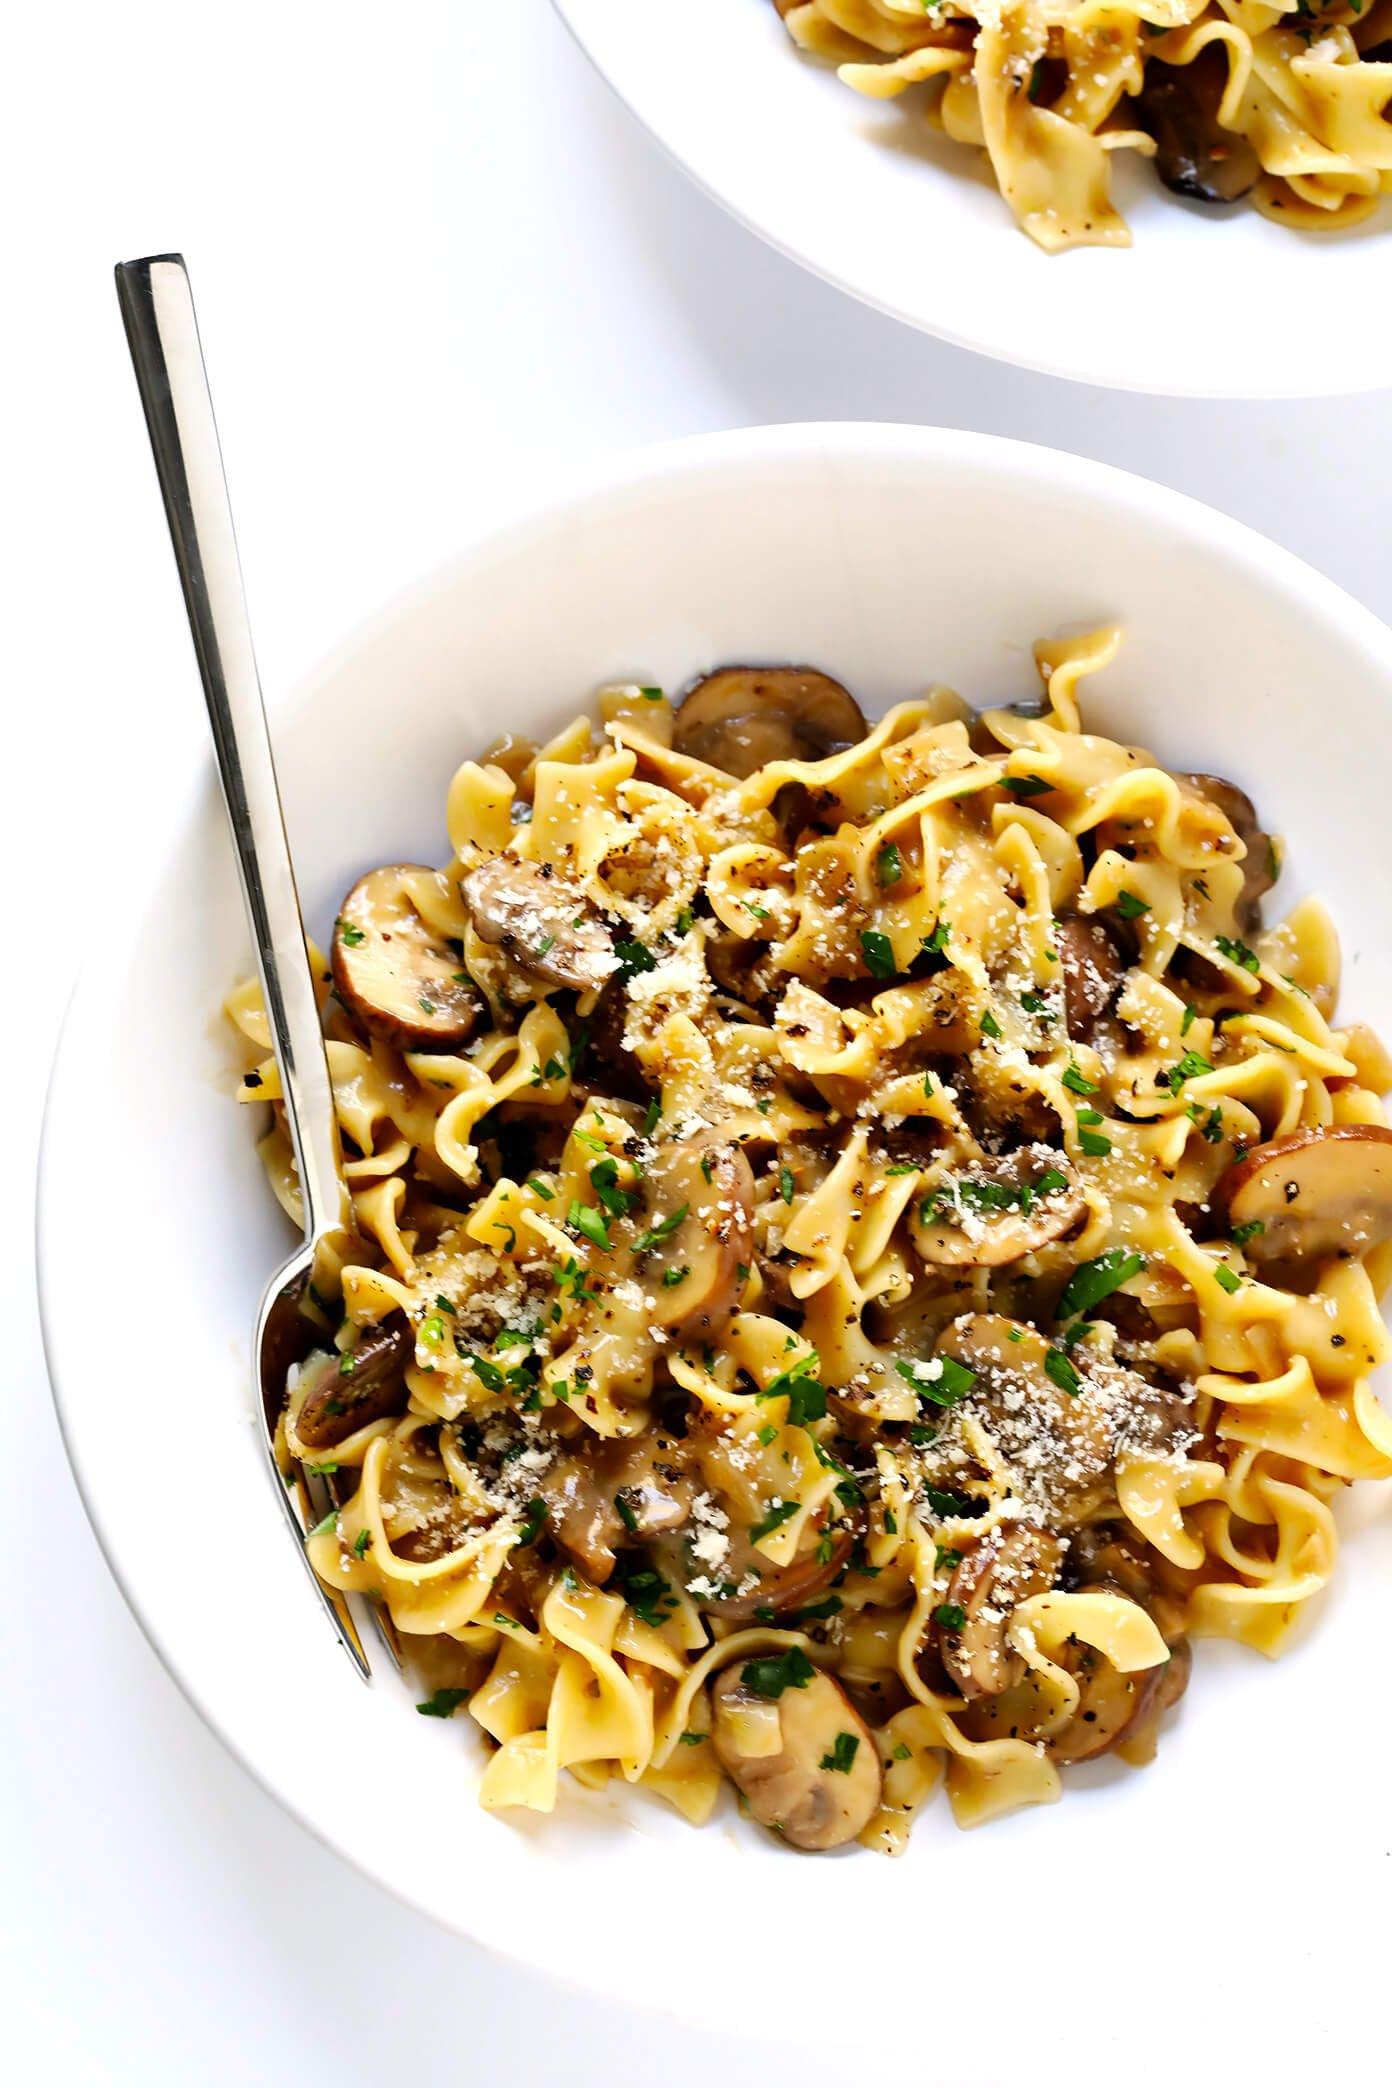 Vegetarian Mushroom Stroganoff in bowls